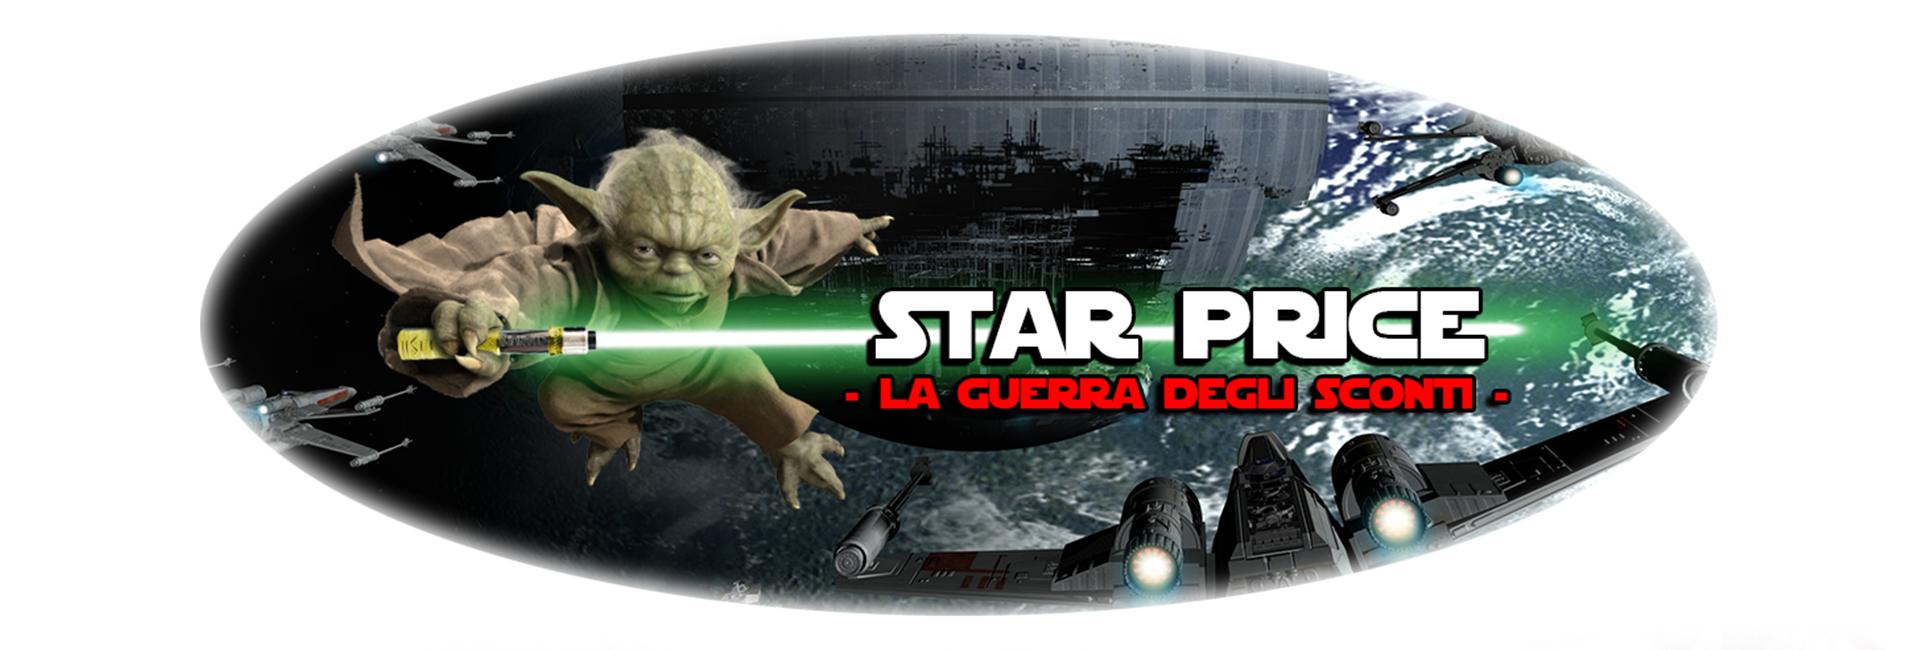 Star Wars la guerra degli sconti da smo-kingshop